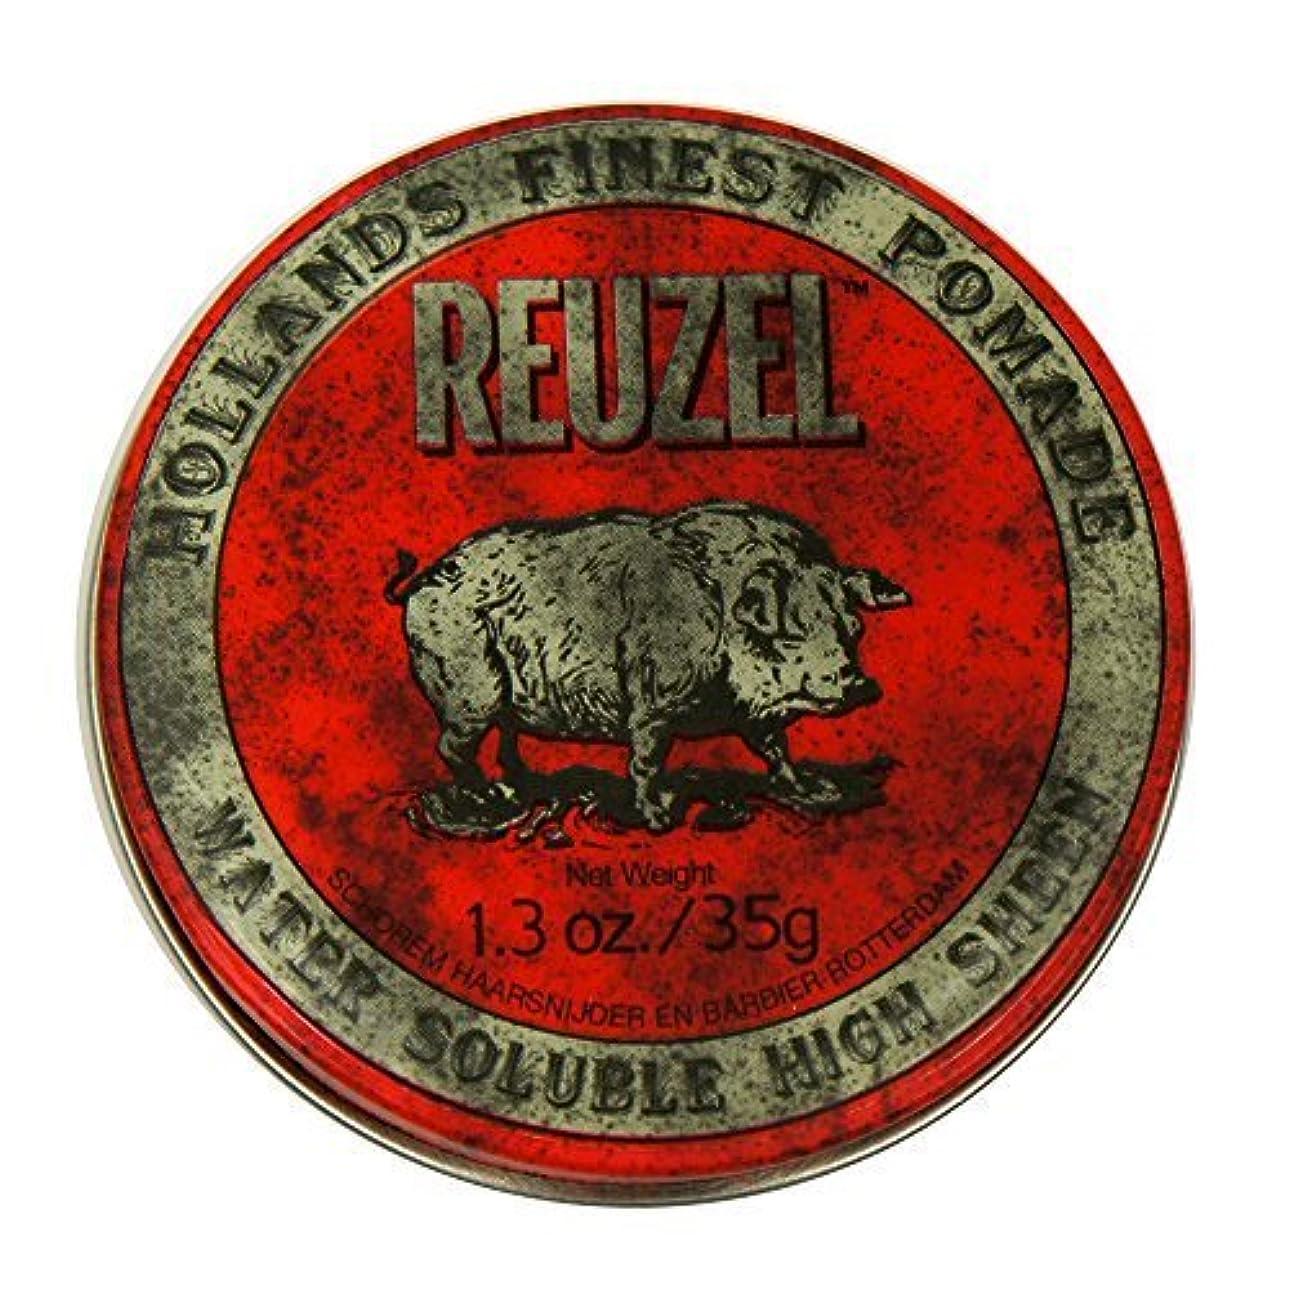 隣接頭蓋骨ペイントReuzel Red Hair Pomade Piglet 1.3oz [並行輸入品]